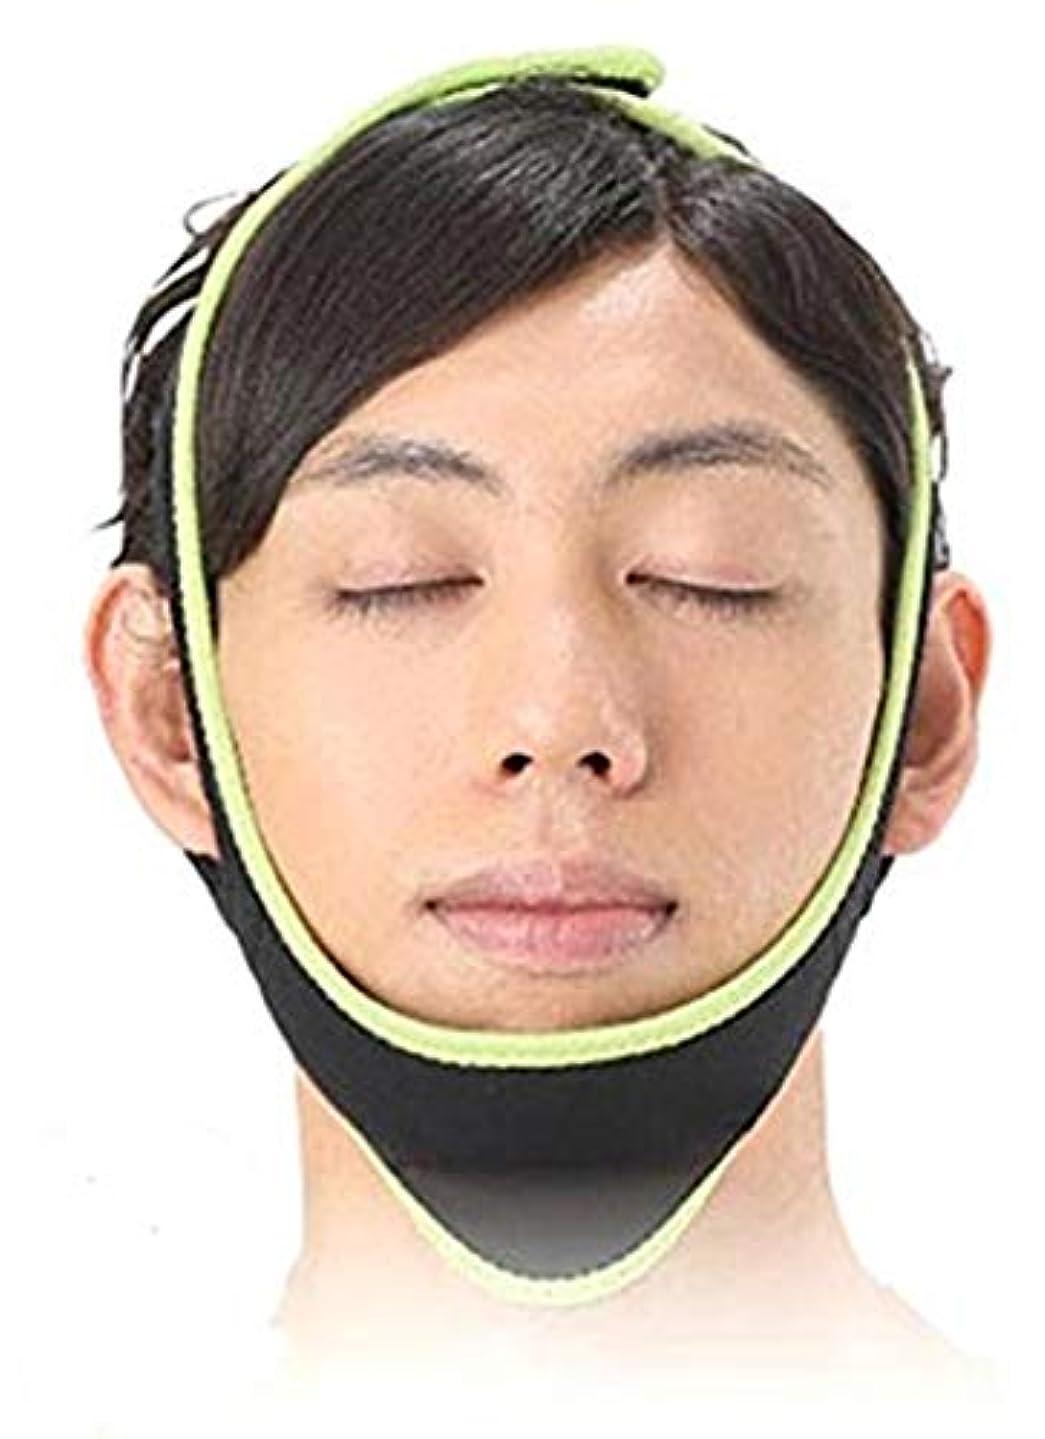 誤って興奮する外側CREPUSCOLO 小顔へ! 小顔リフトアップ ベルト 小顔マスク 小顔コルセット 小顔矯正 美容グッズ 美顔器 メンズ